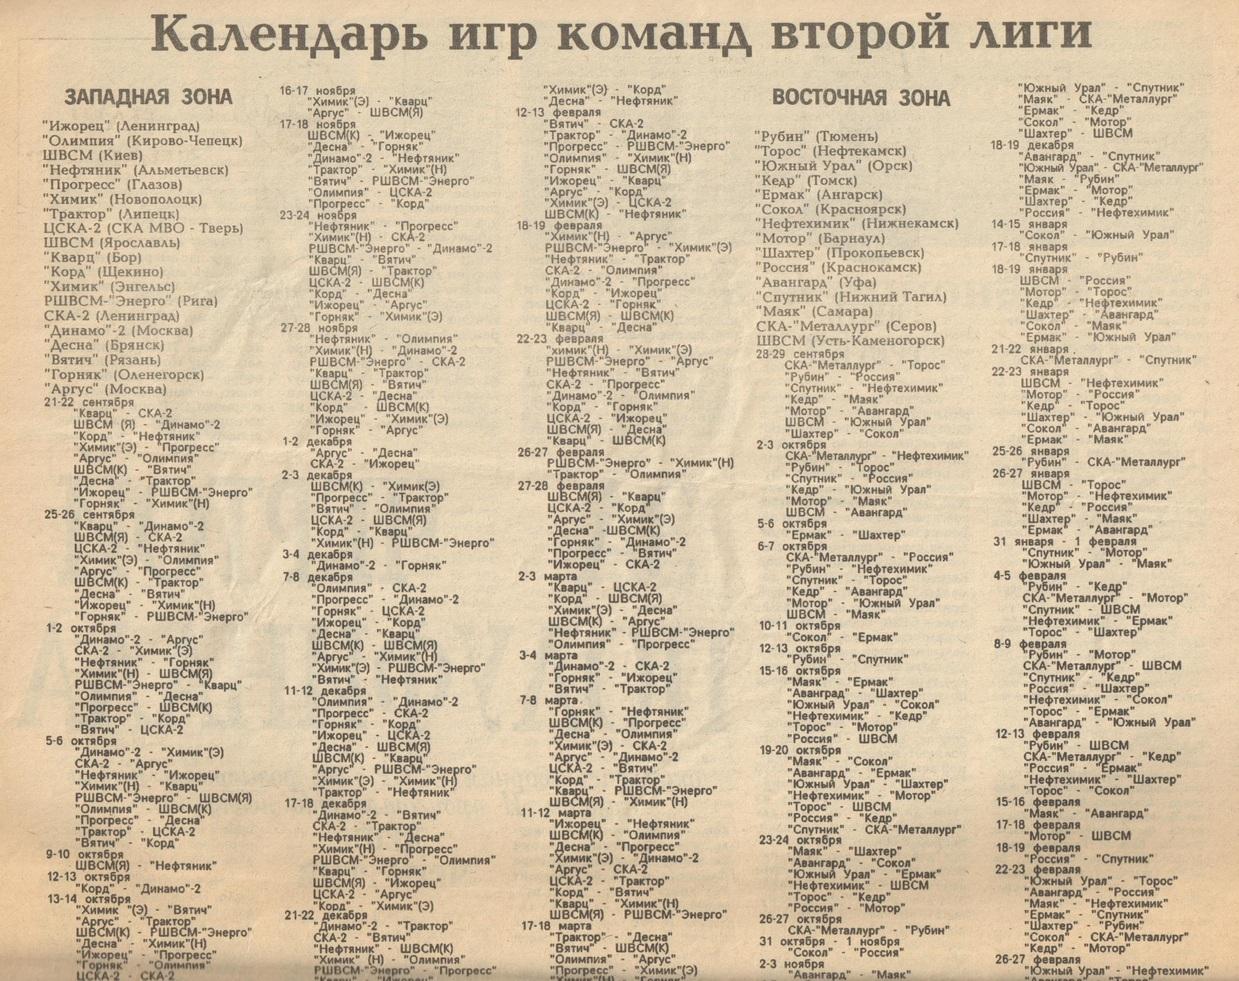 91-92 2 лига календарь 1.jpg